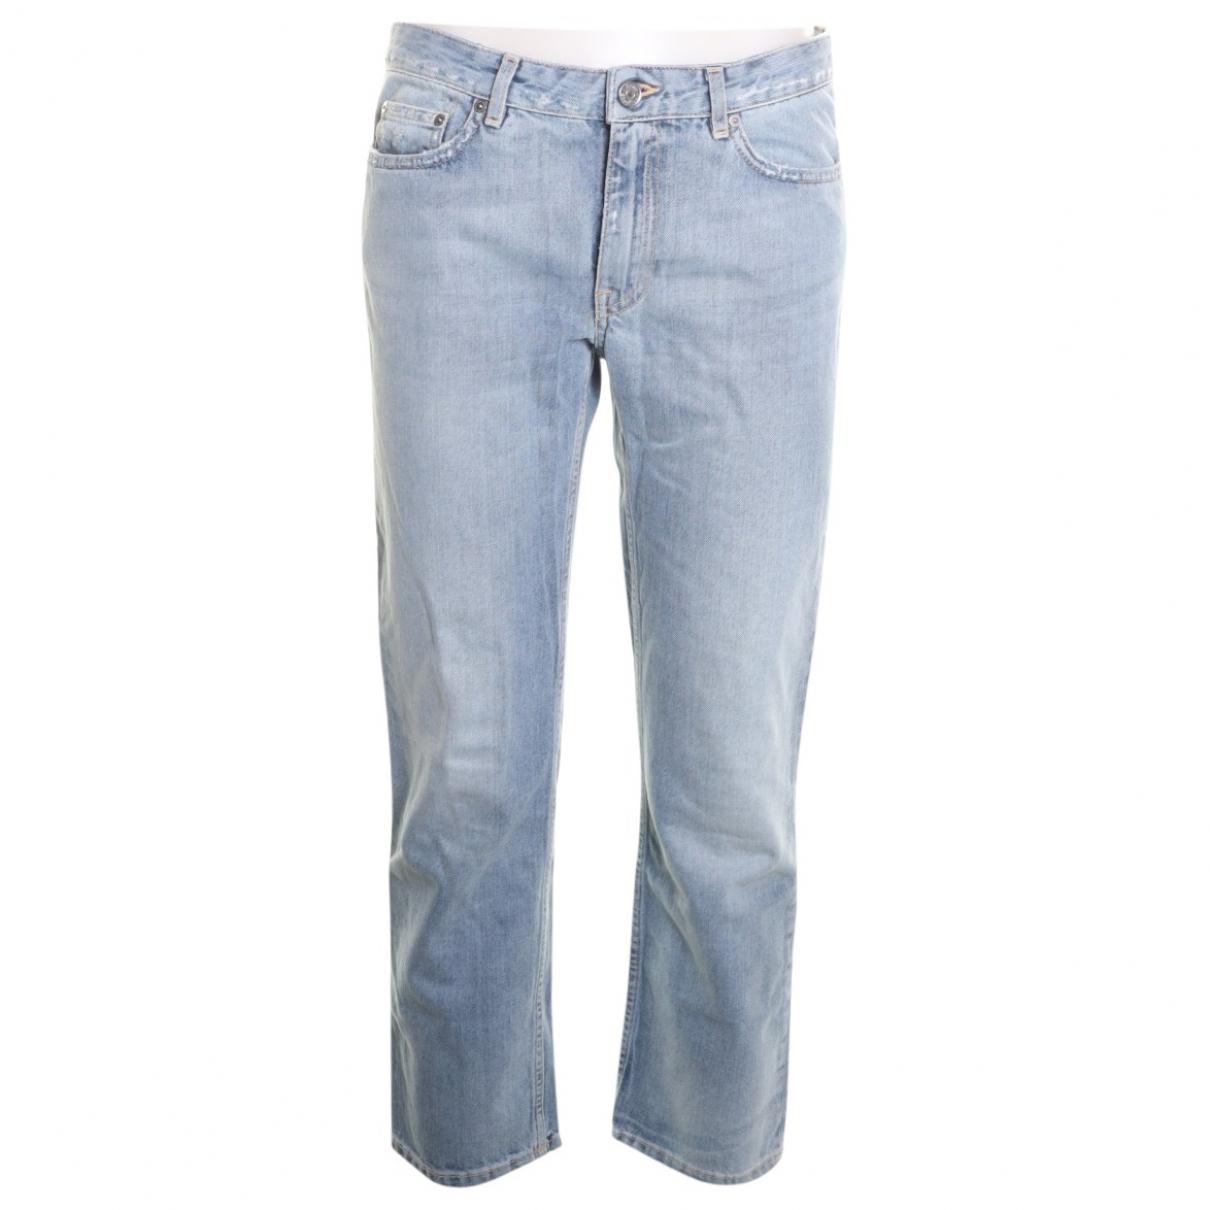 Acne Studios Row Blue Cotton Jeans for Women 24 US